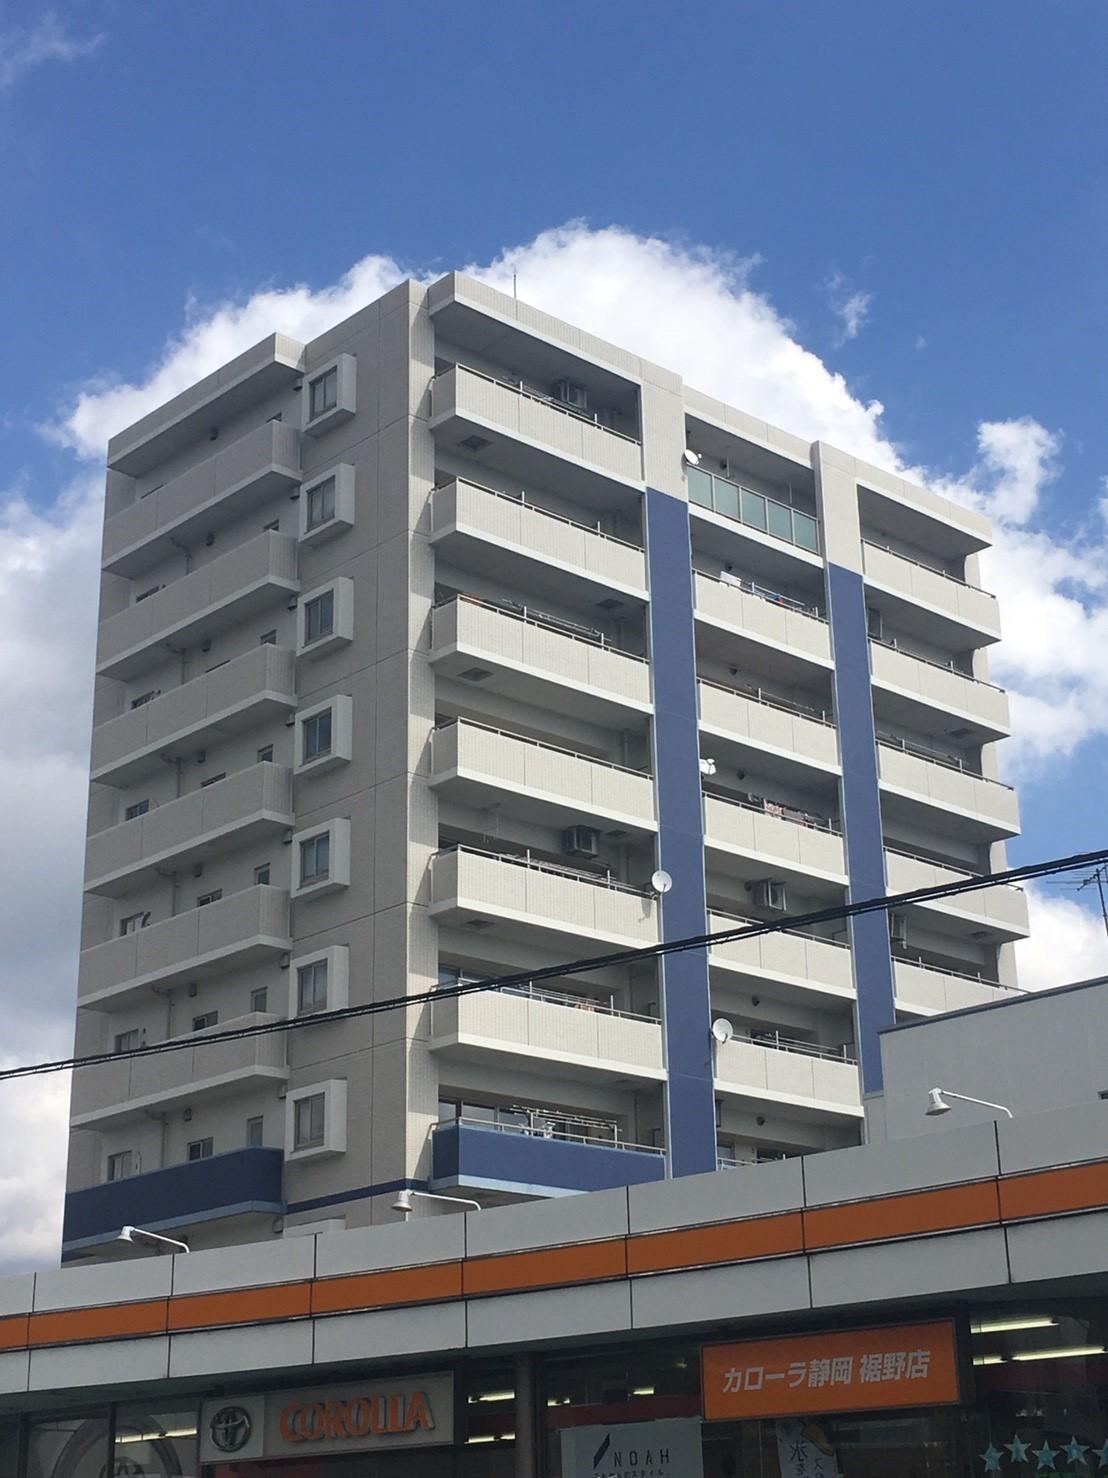 ア-バンシティ伊豆島田 10階